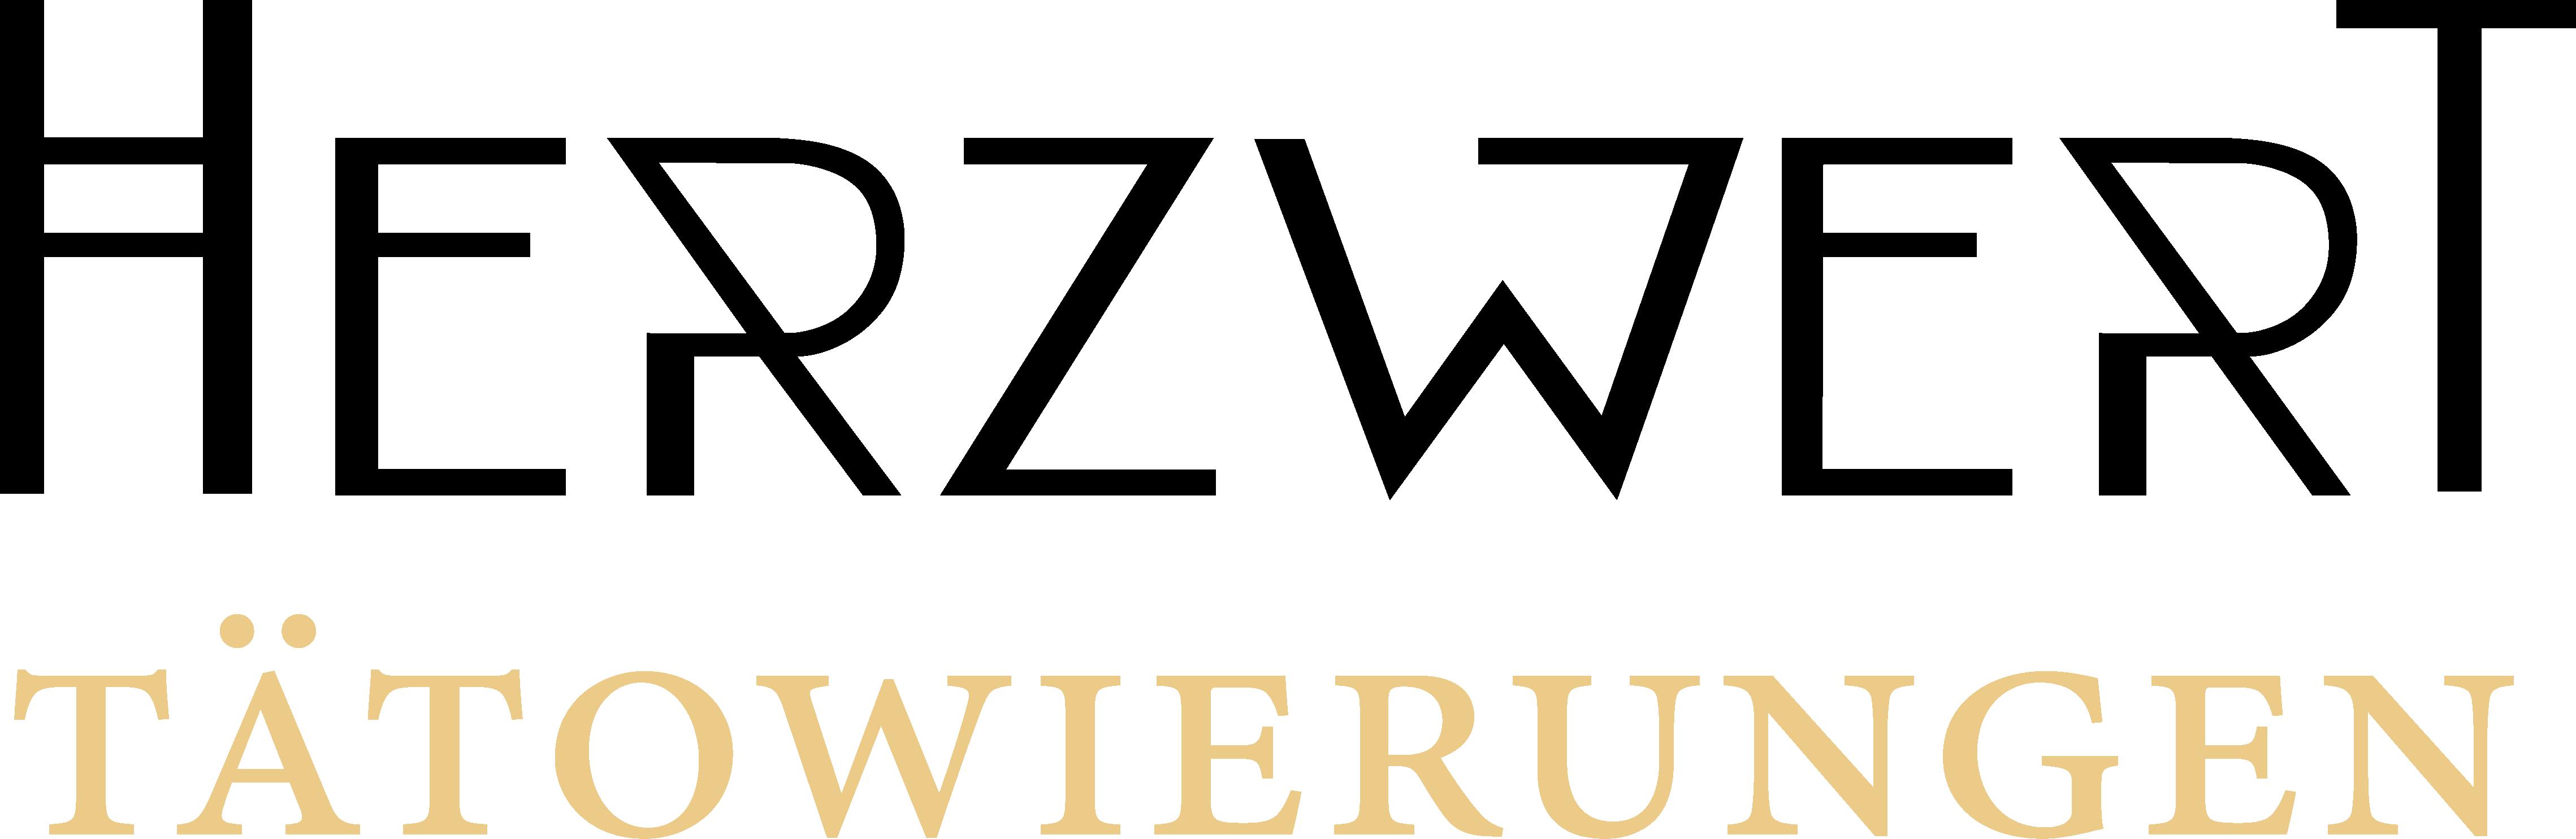 Herzwert Logo